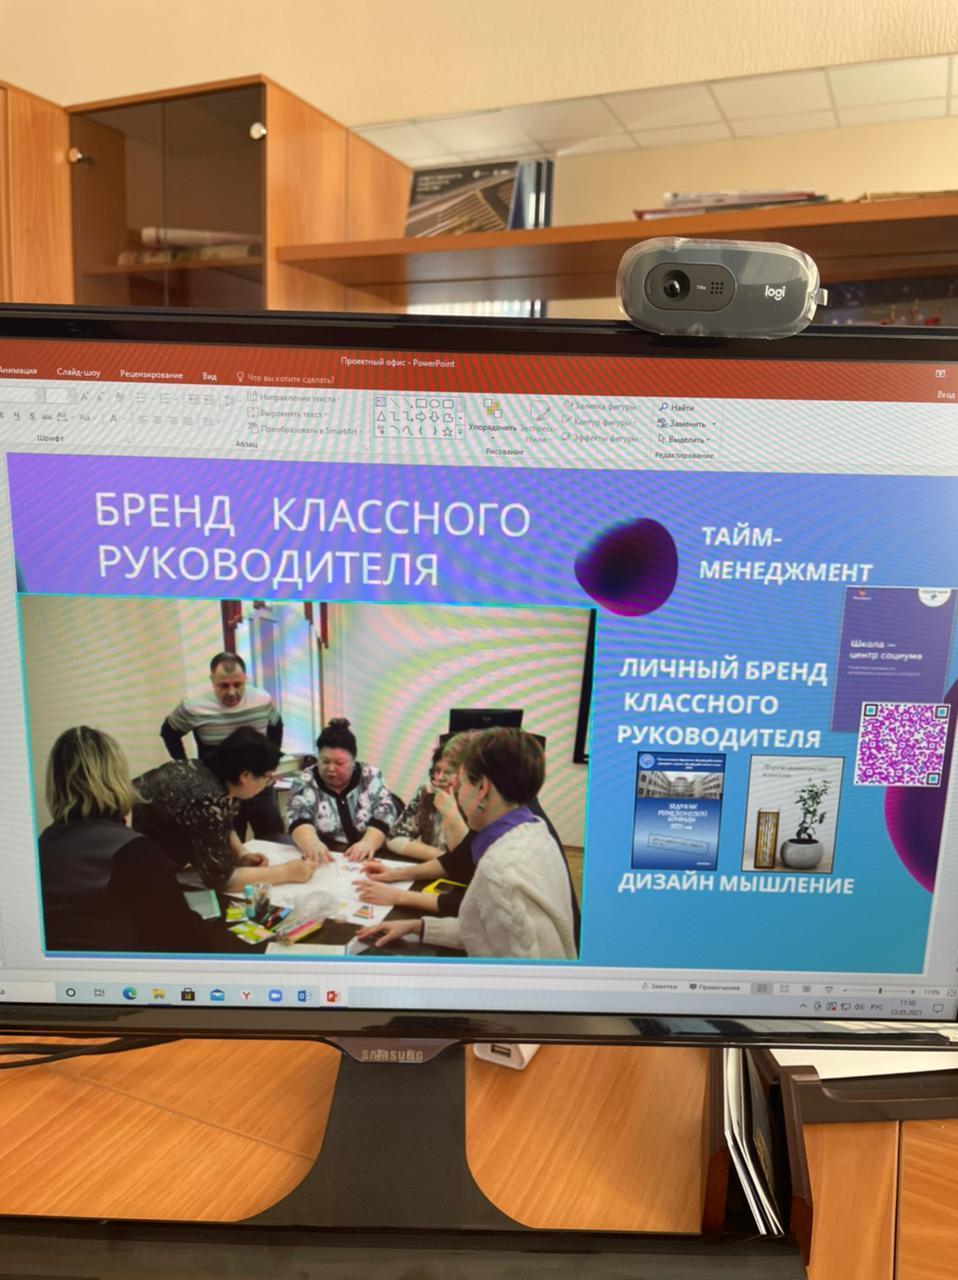 Фото Новосибирская школа № 82 названа самой успешной в России: директор рассказала о победе в престижном конкурсе и инновационных проектах 4